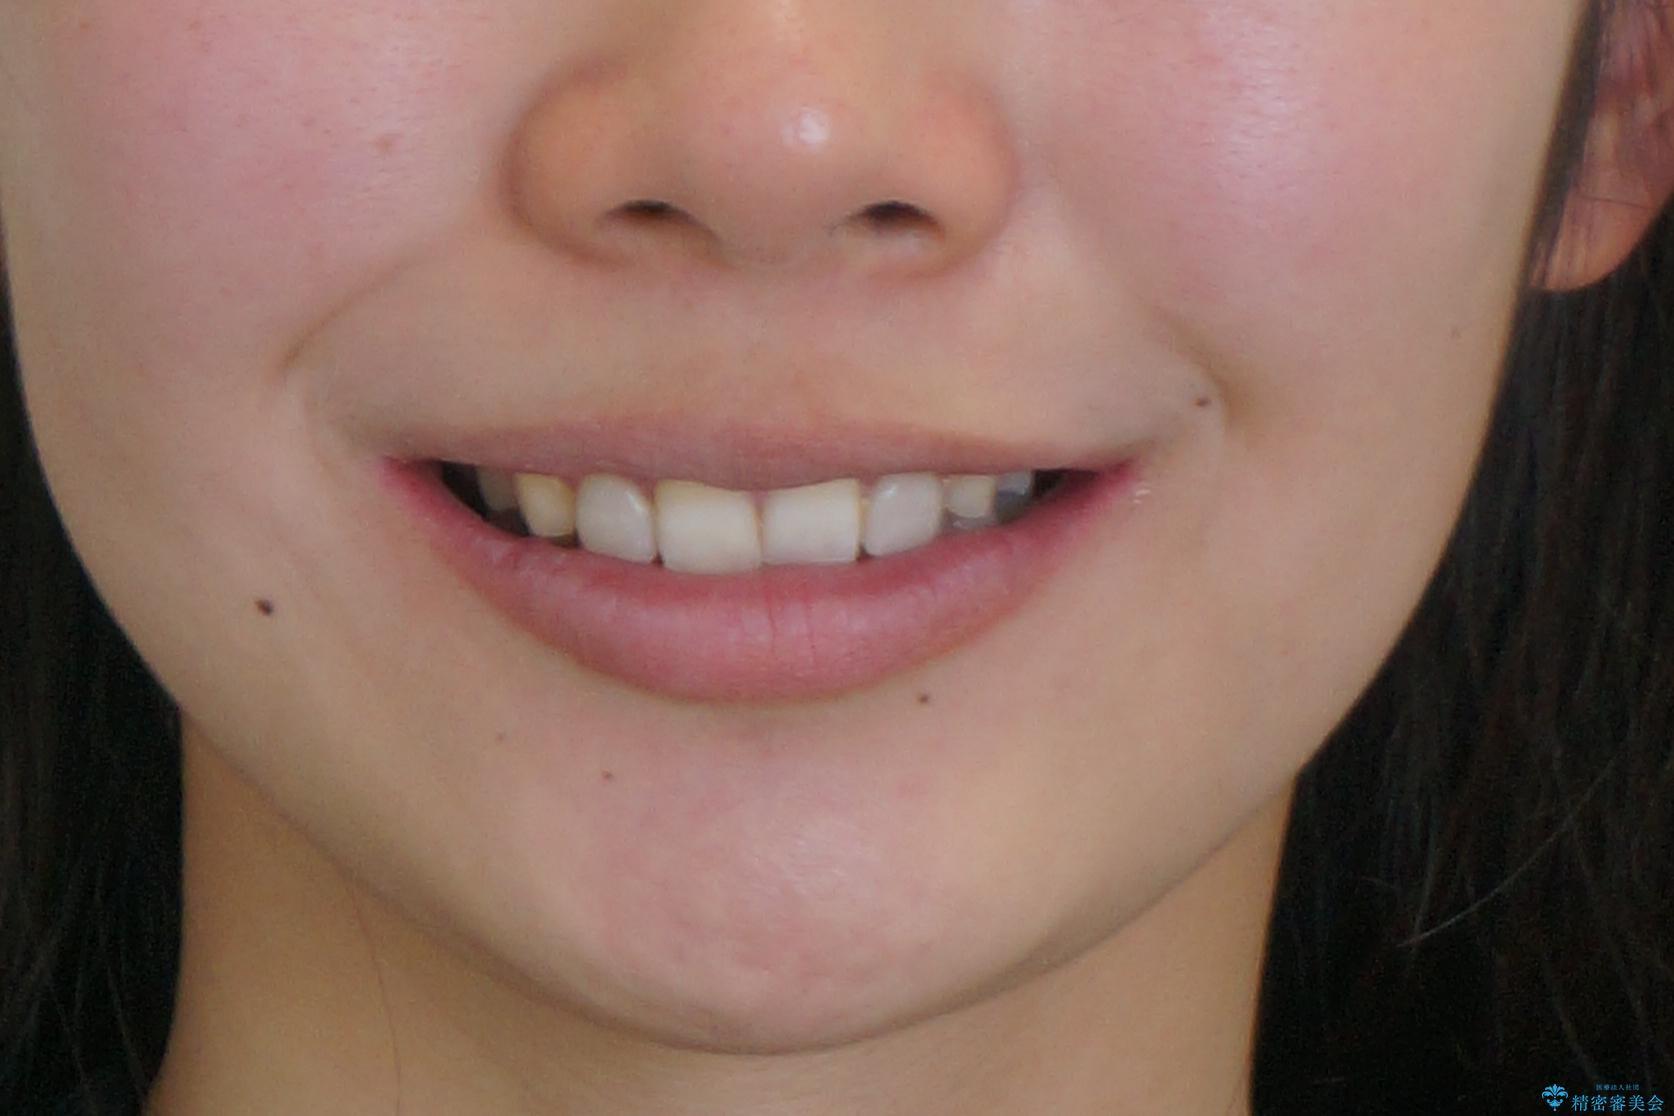 出っ歯を治したい 過蓋咬合の治療後(顔貌)